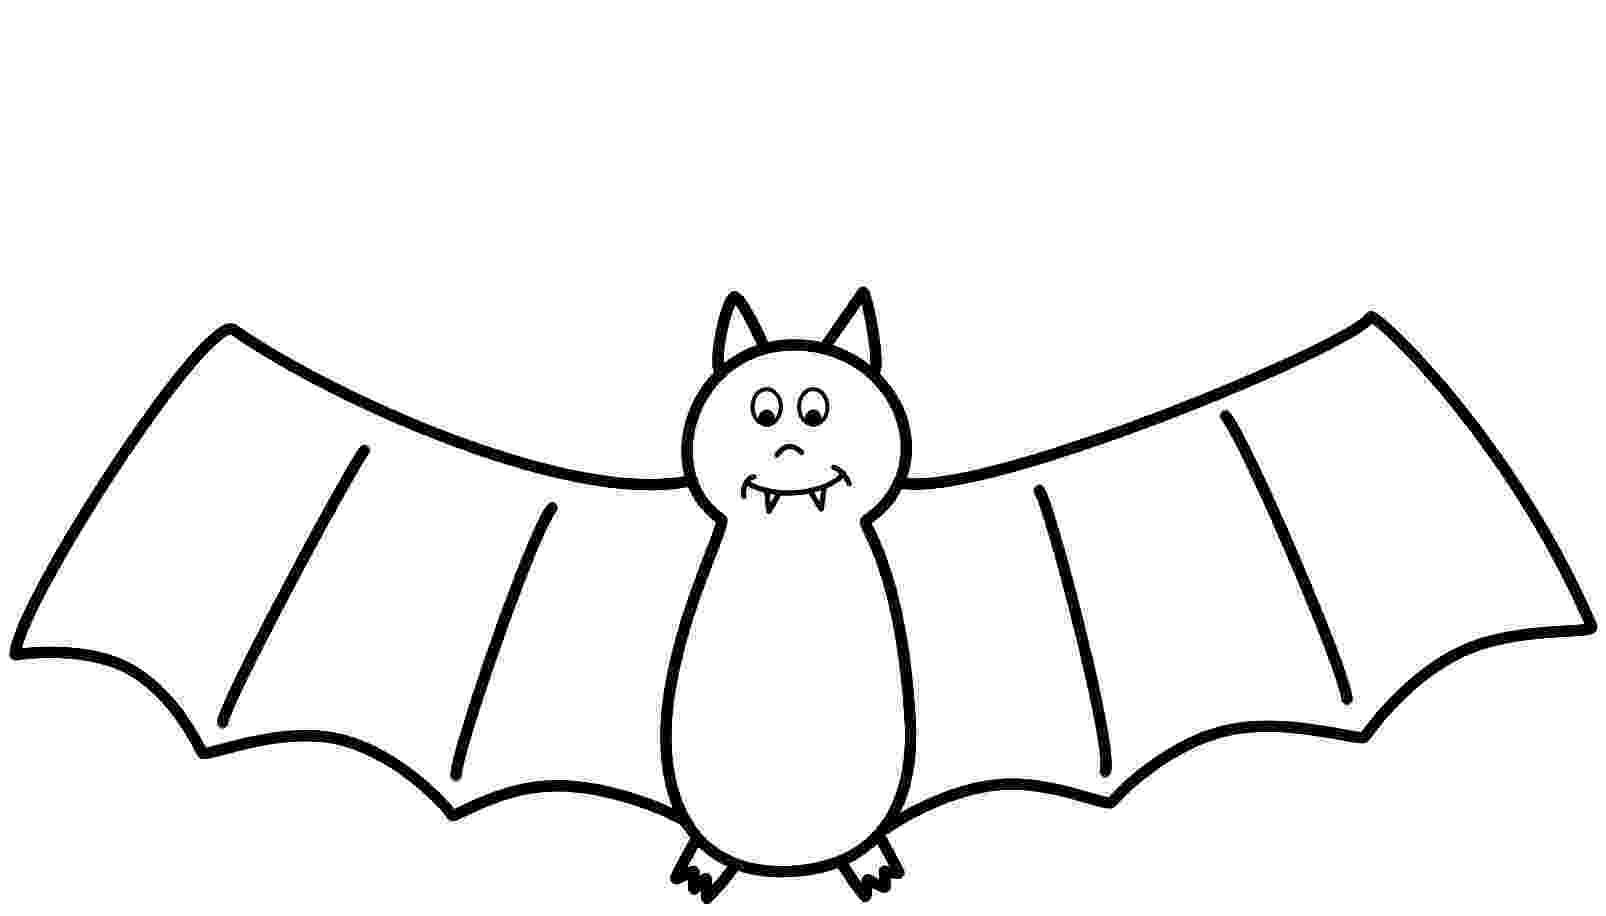 bat color page bat coloring pages getcoloringpagescom color page bat 1 1